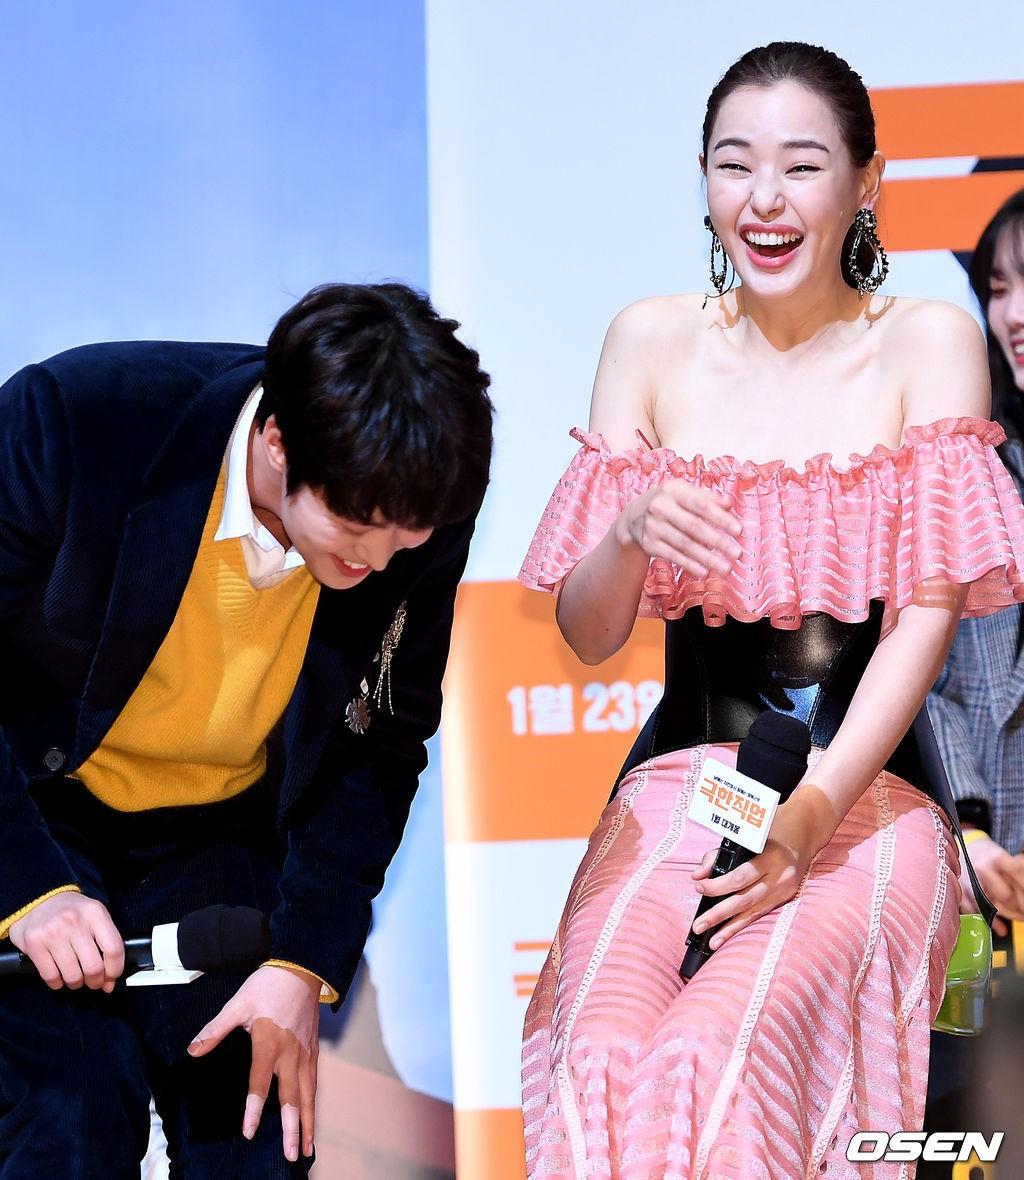 Đỉnh hơn cả mẹ Kim Tan, Hoa hậu Hàn đẹp nhất thế giới trễ nải khoe khéo vòng 1 bốc lửa mặc dù đã U40 - Ảnh 4.